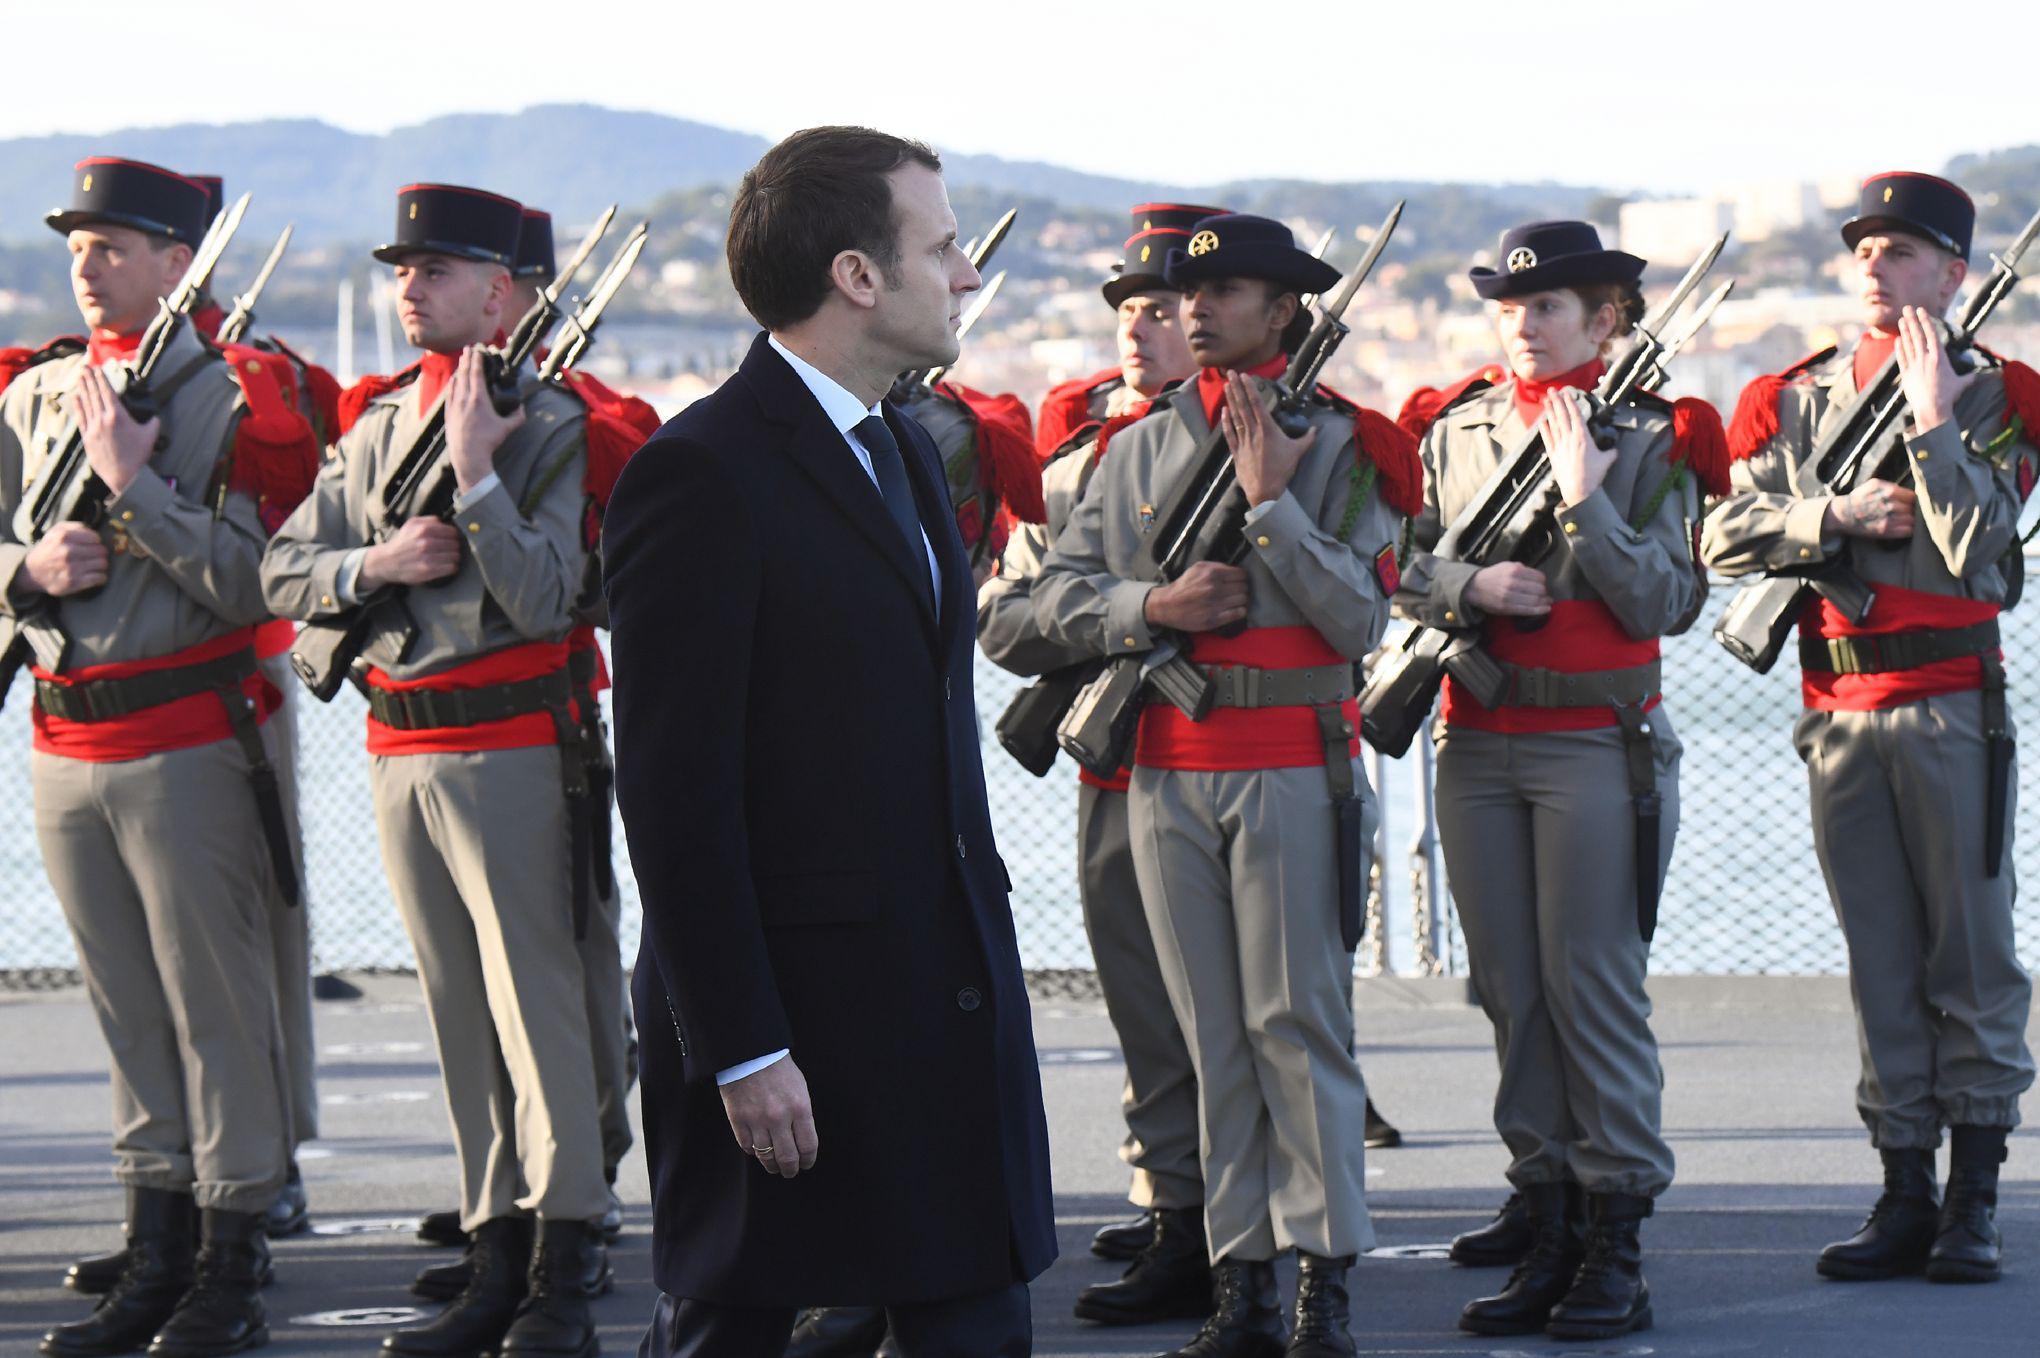 Édouard Tétreau : «Le service national universel est une proposition ambitieuse et transformatrice» – Le Figaro 09/02/2017